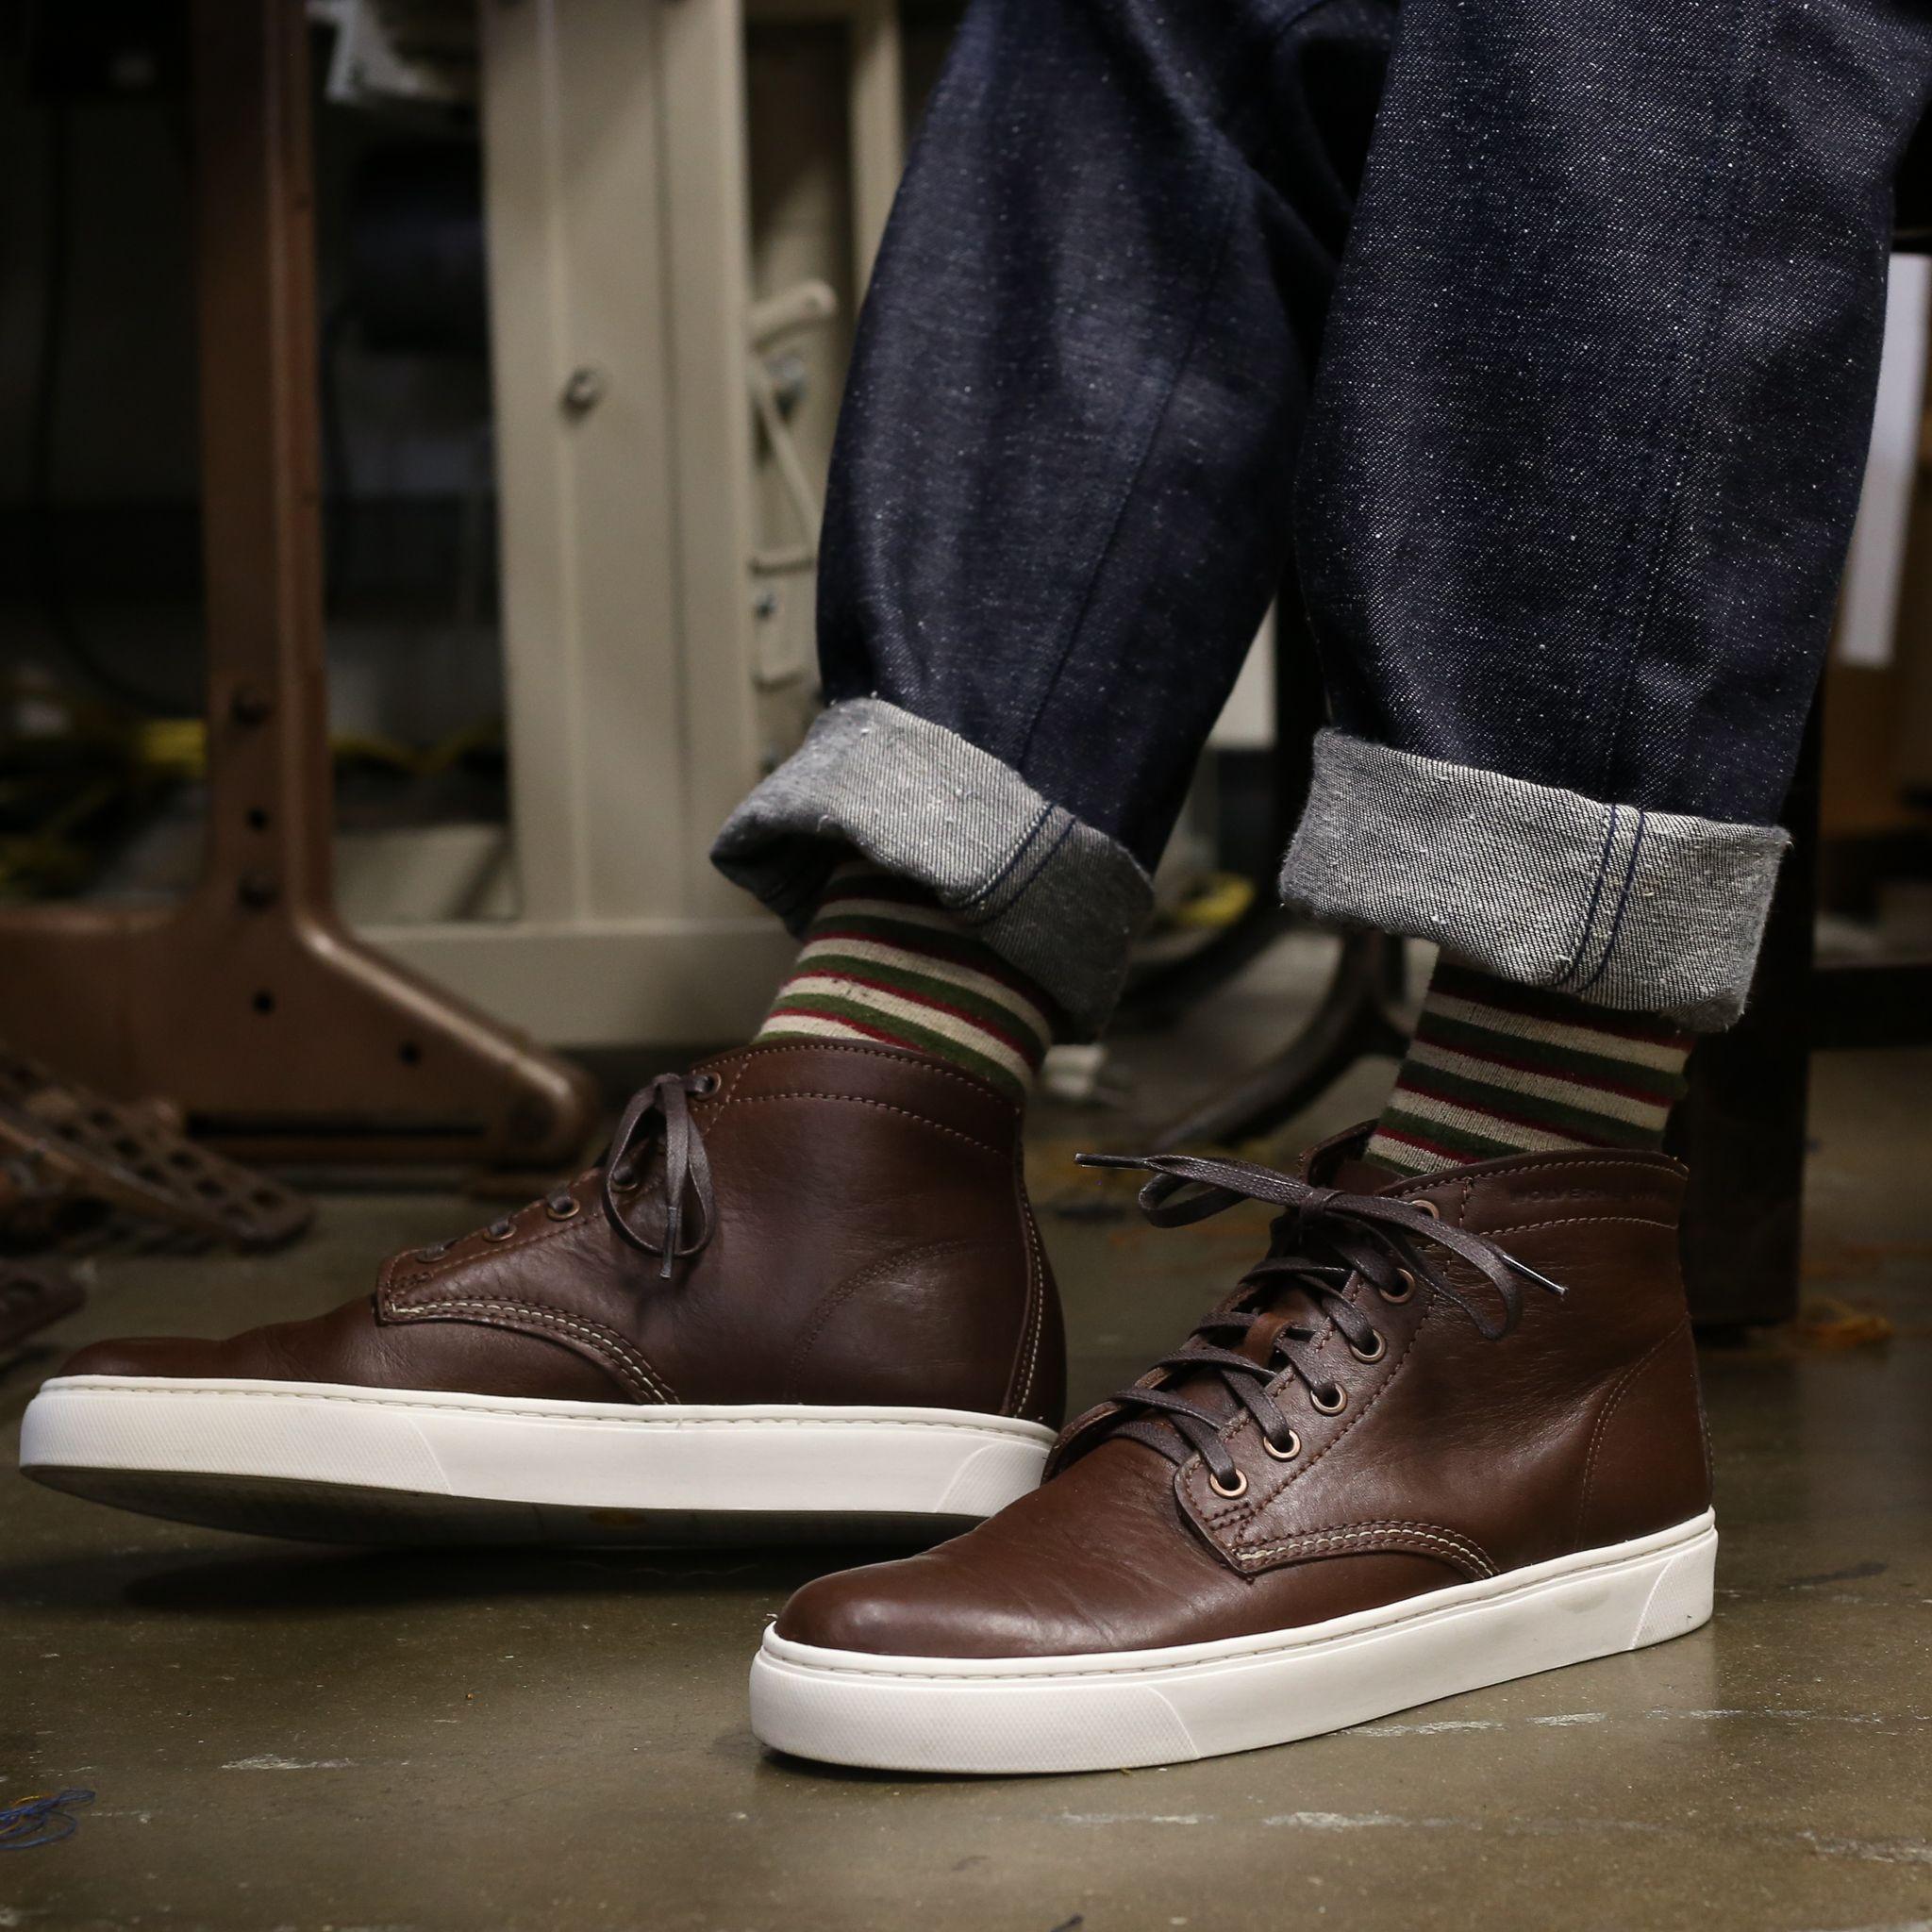 Wolverine Sneaker | Sneakers, Horween